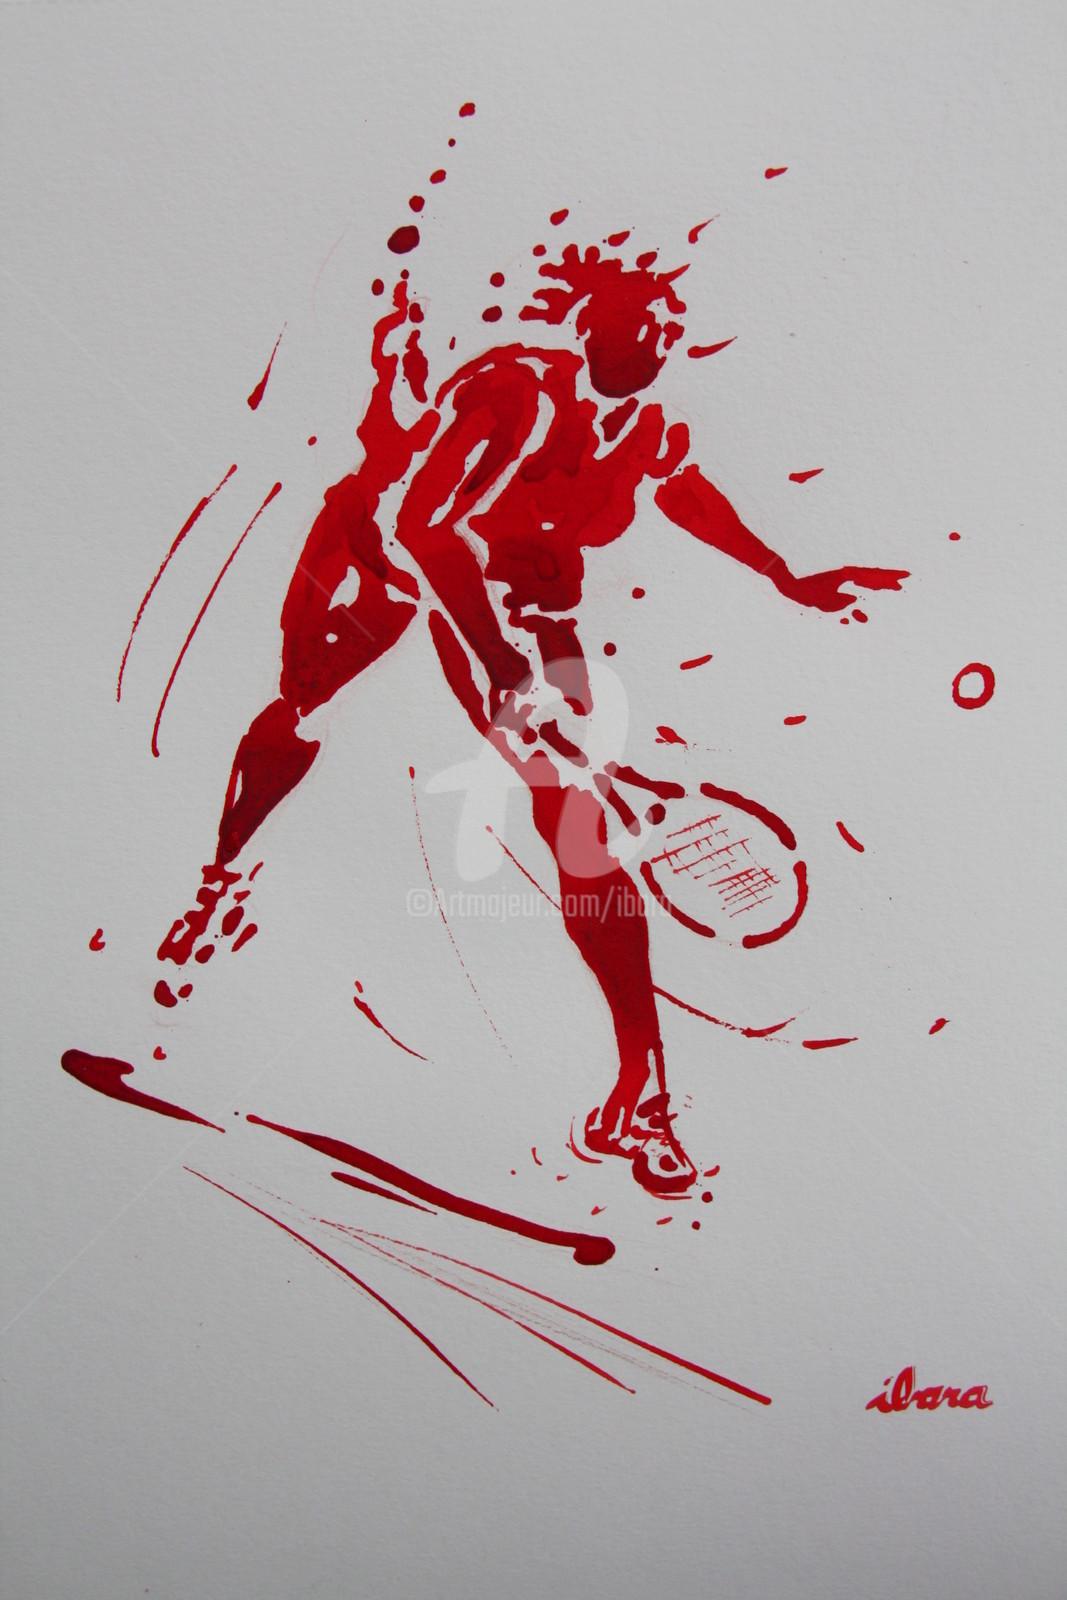 Henri Ibara - tennis-dame-n-13-dessin-d-ibara-a-l-encre-rouge-et-sanguine-sur-papier-aquarelle-300gr-format-30cm-sur-42cm.jpg